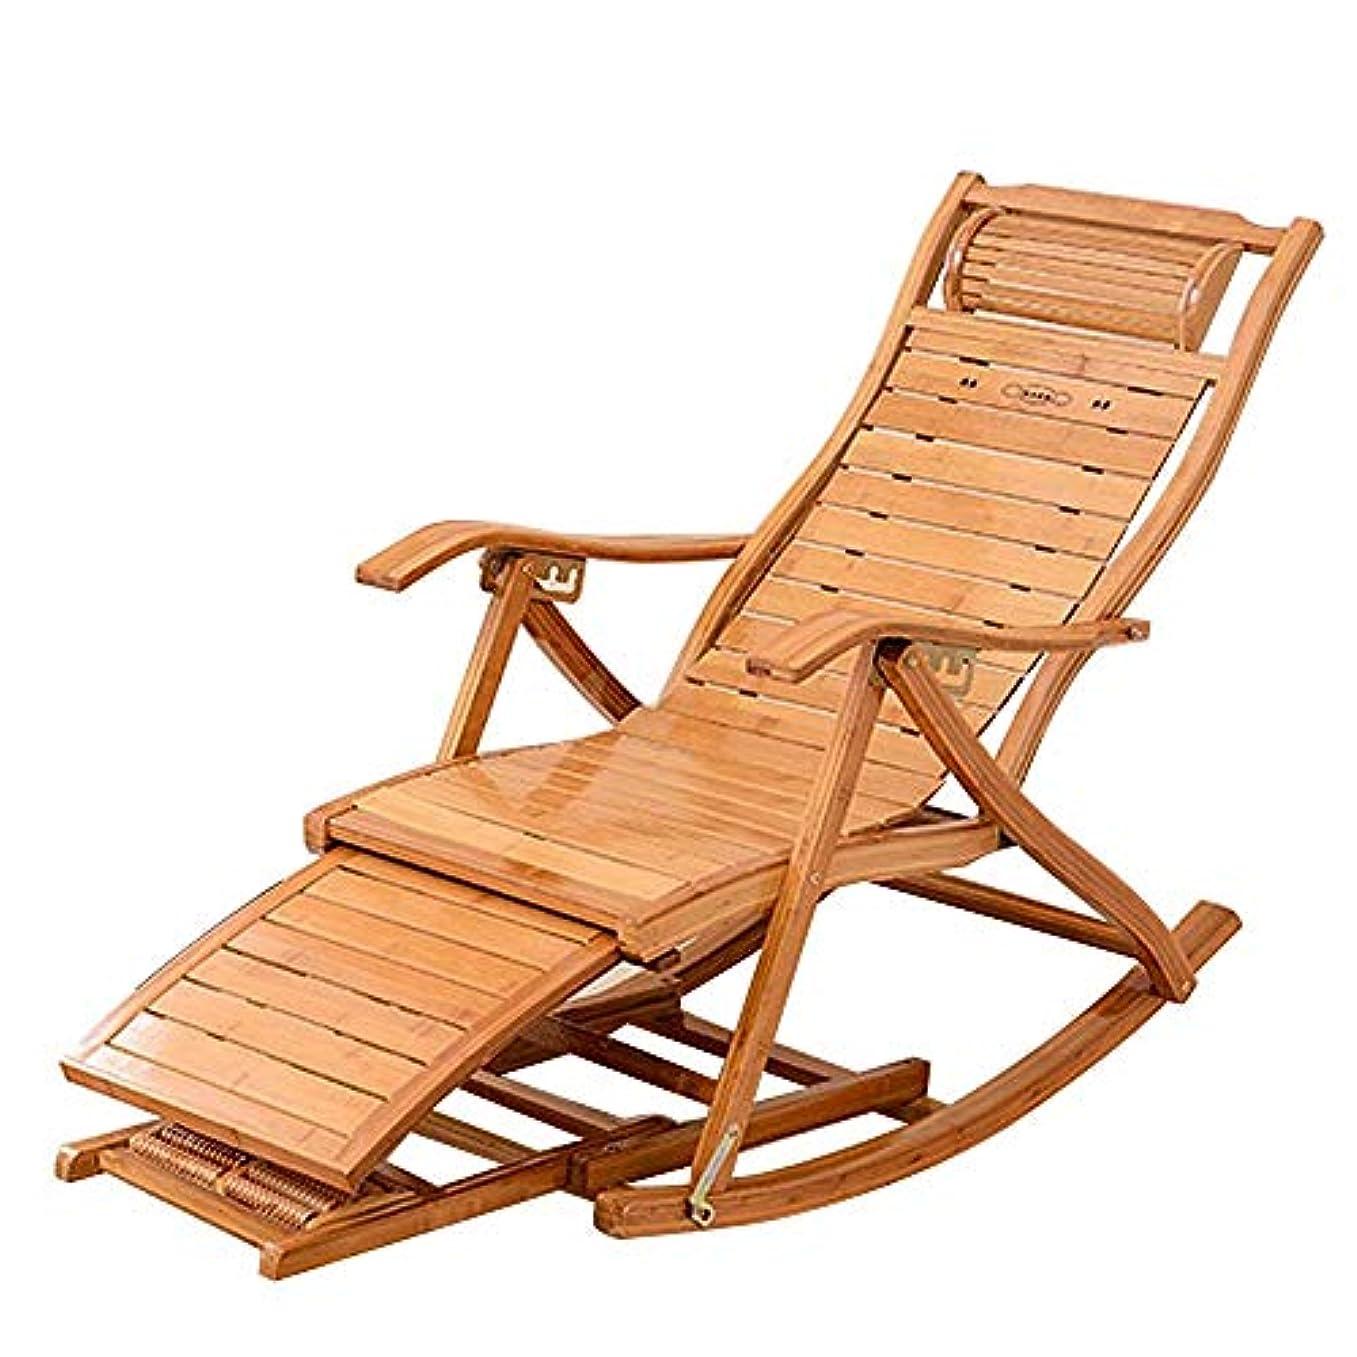 クスクスハンマーであること竹のデッキチェア、引き込み式のフットレストおよびマッサージのローラーが付いている携帯用大人の安楽椅子の庭のバルコニーのための老人の仮眠の椅子